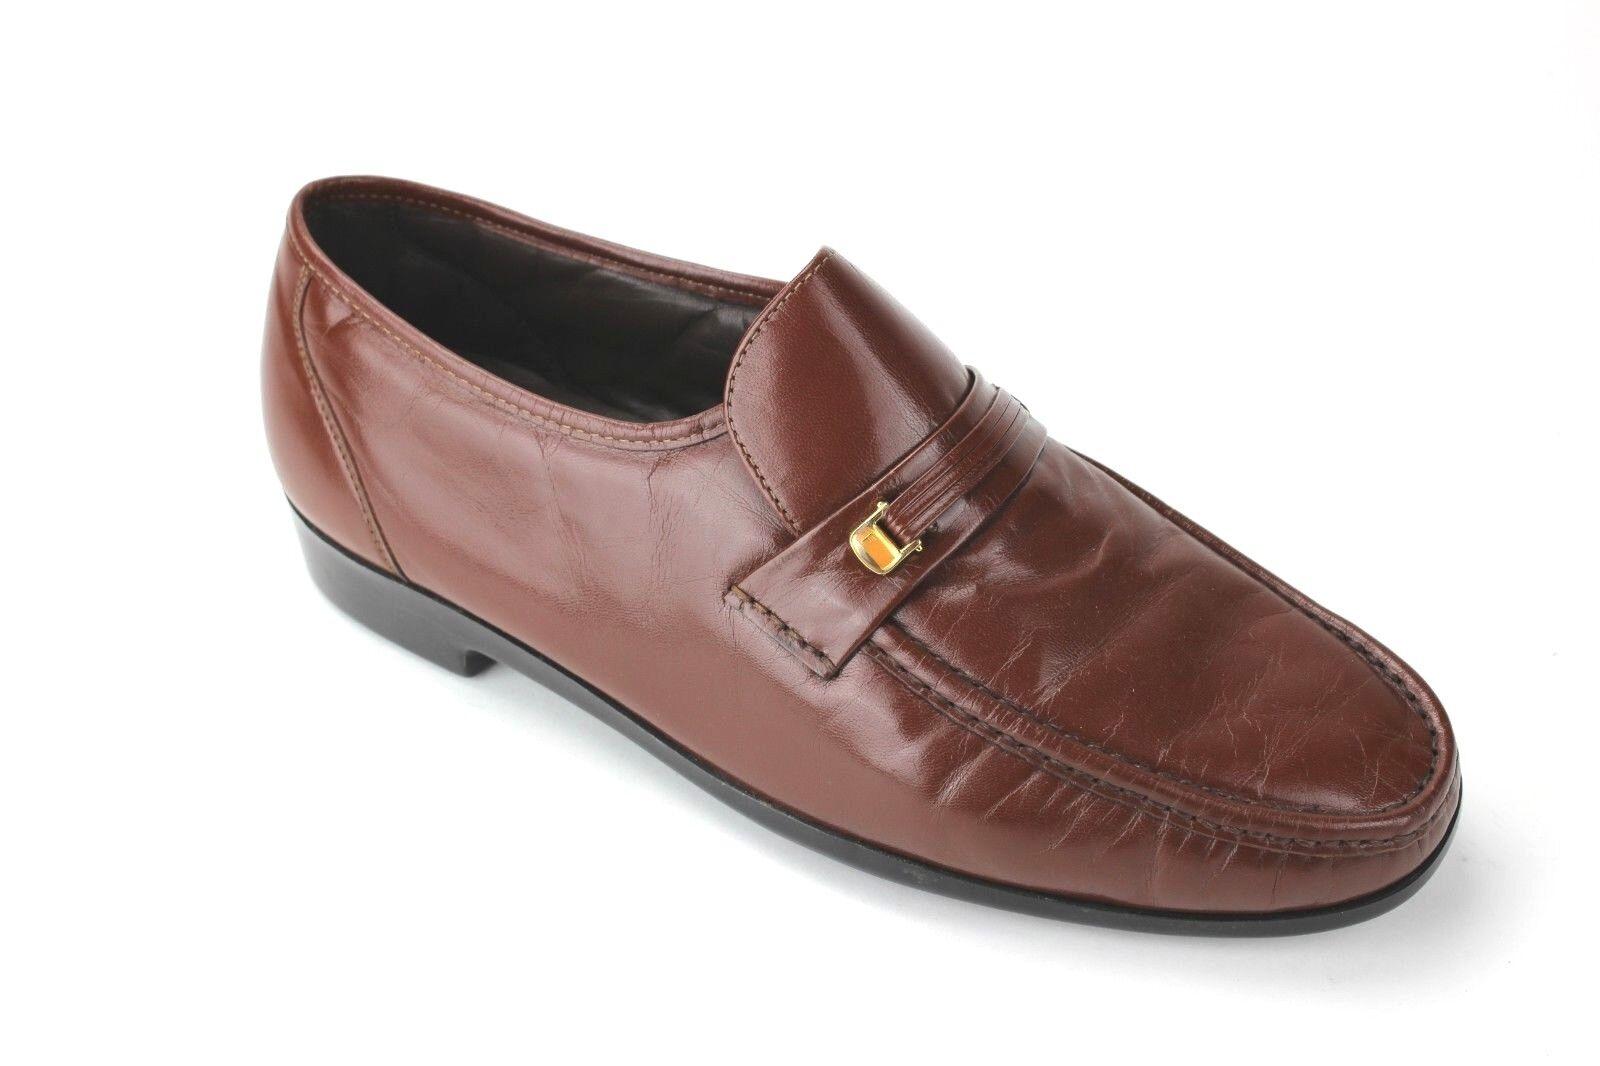 tutto in alta qualità e prezzo basso Florsheim Uomo Riva Moc Moc Moc Toe Leather Loafers Cognac Dimensione 13 3E  incentivi promozionali